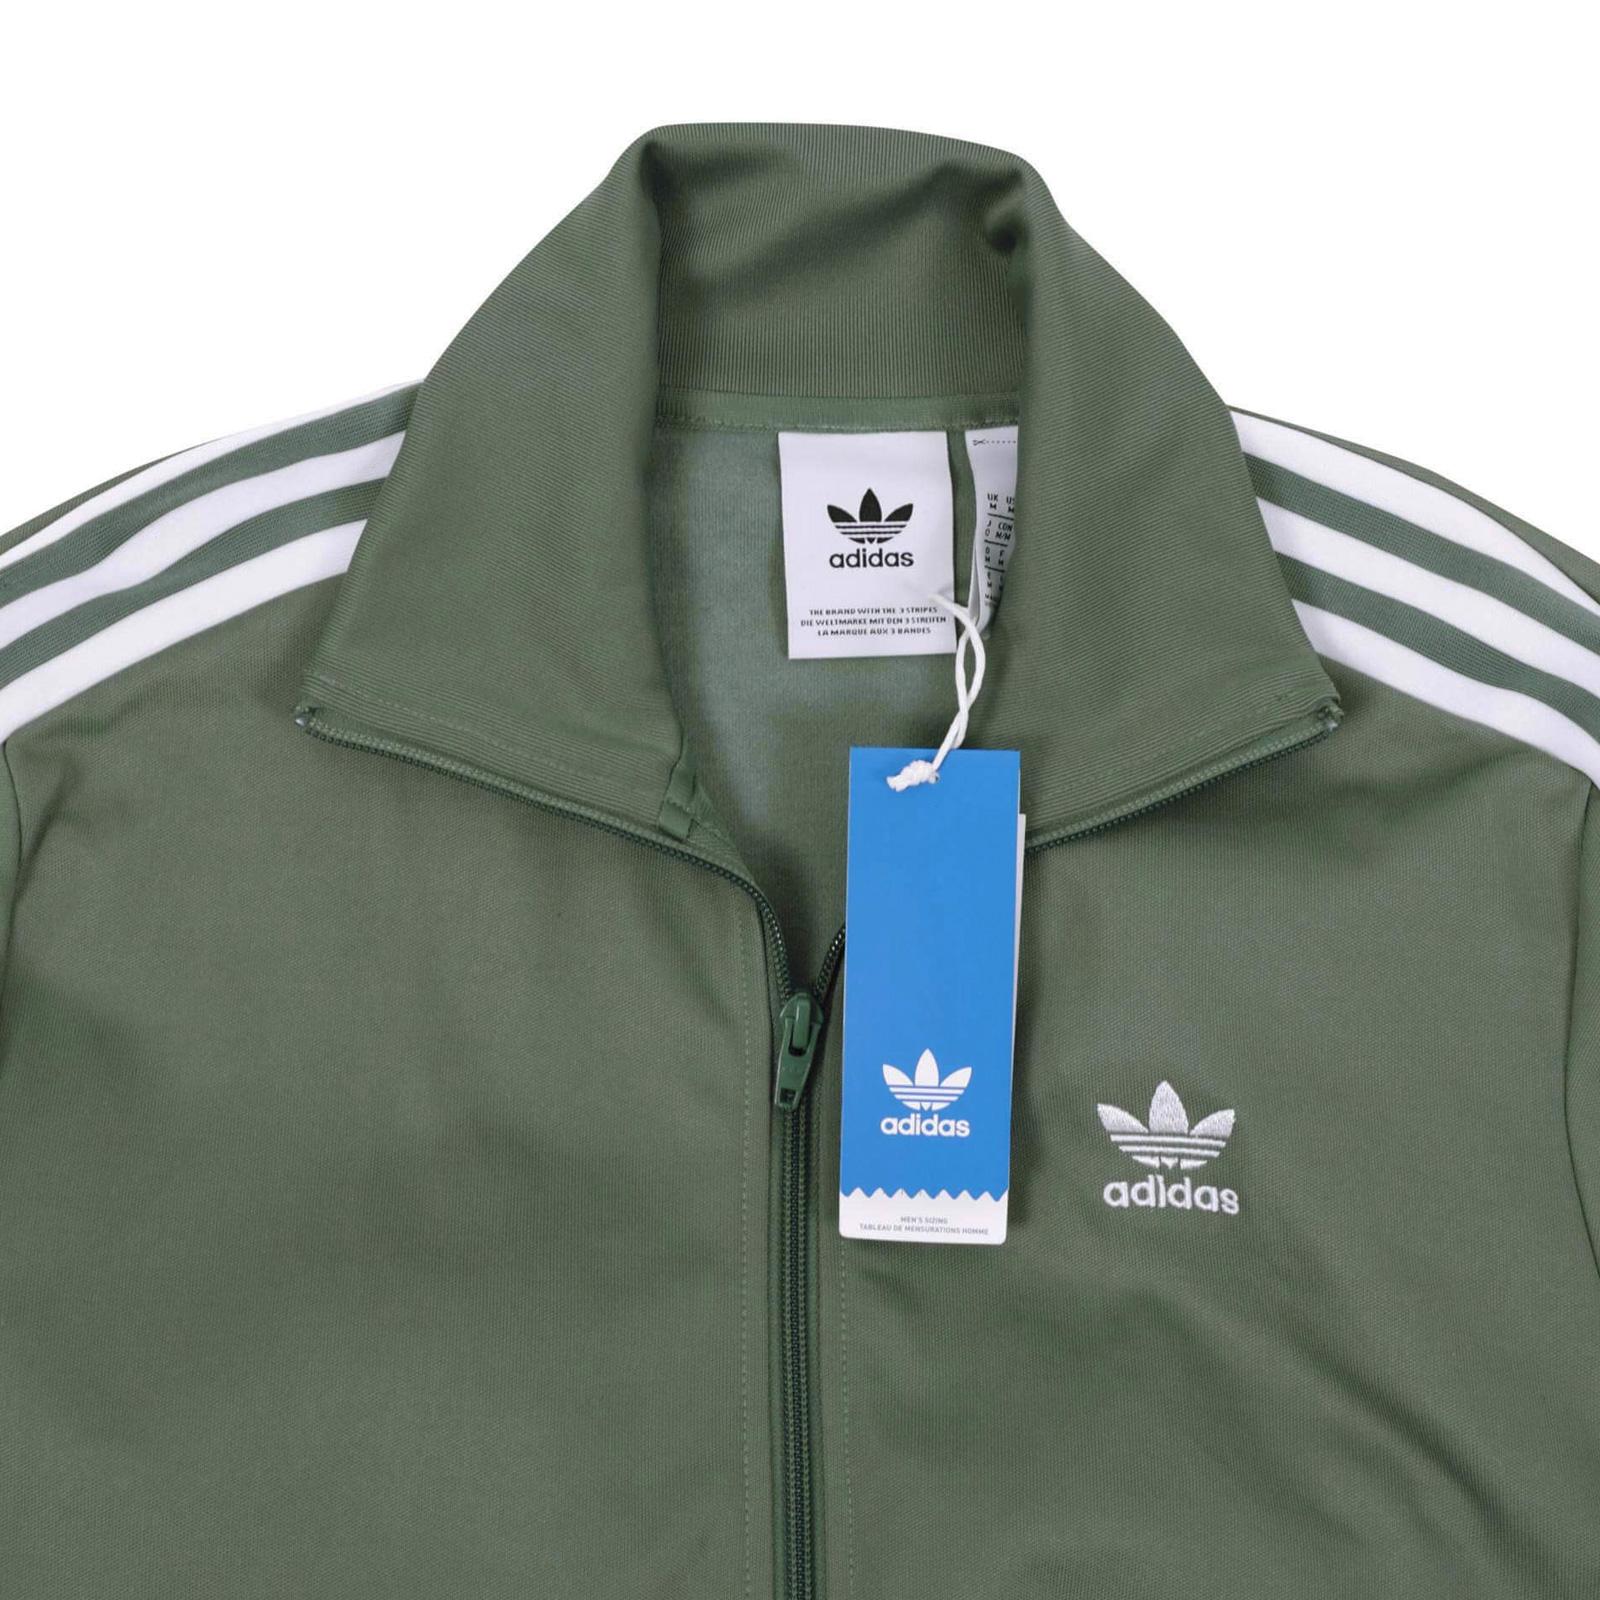 adidas Originals Apparel Beckenbauer Track Top Trace Green